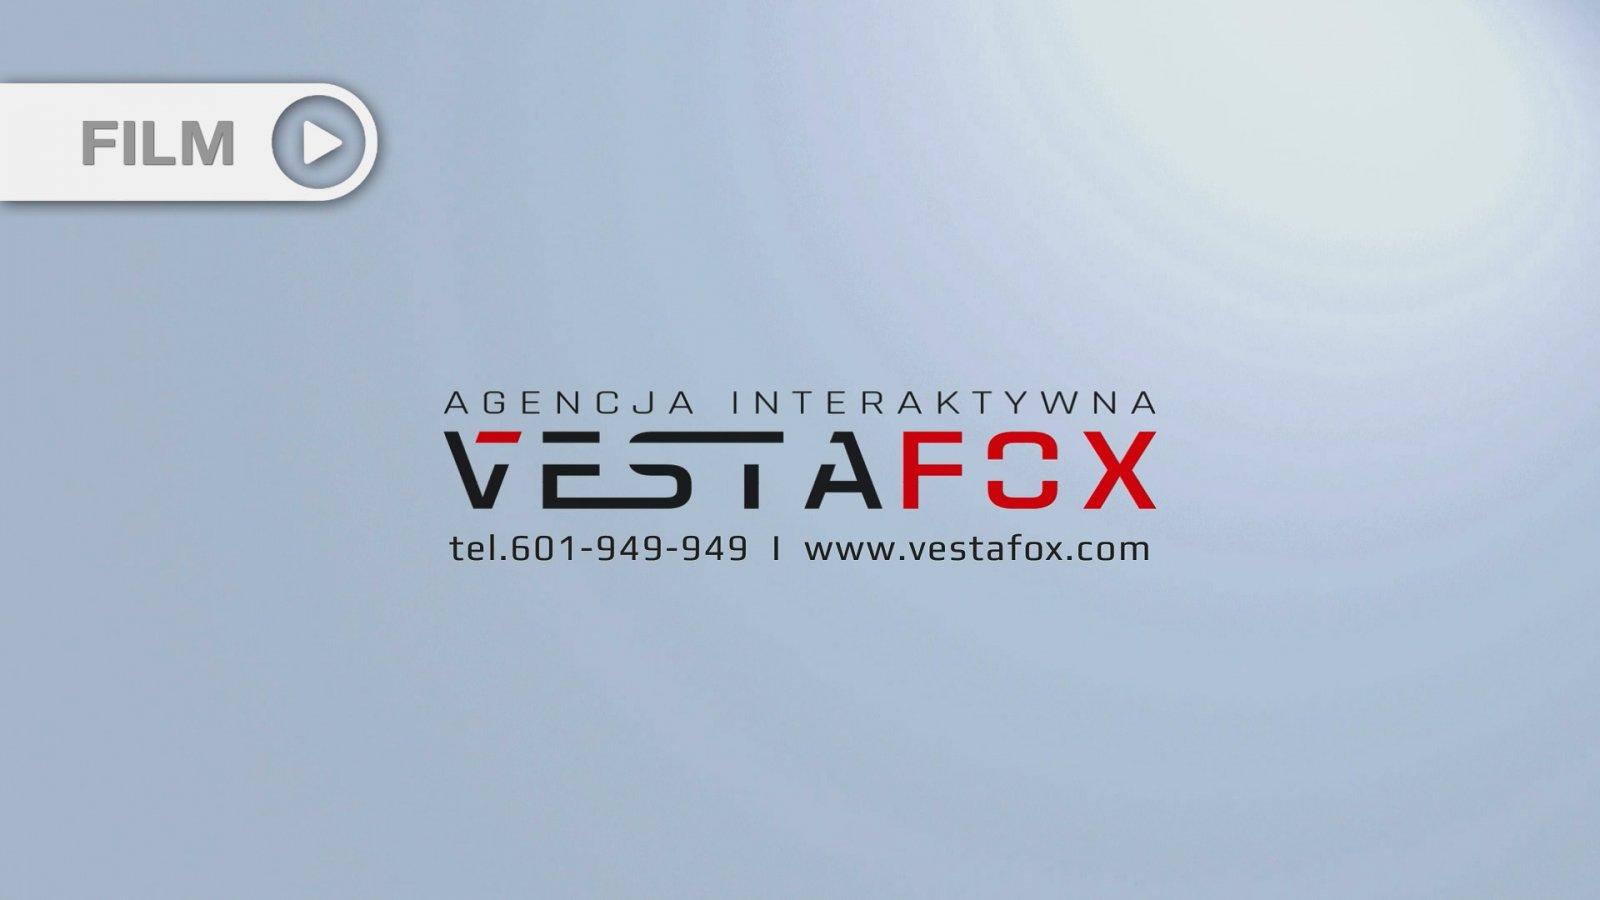 VestaFox - Film Prezentujący Ofertę